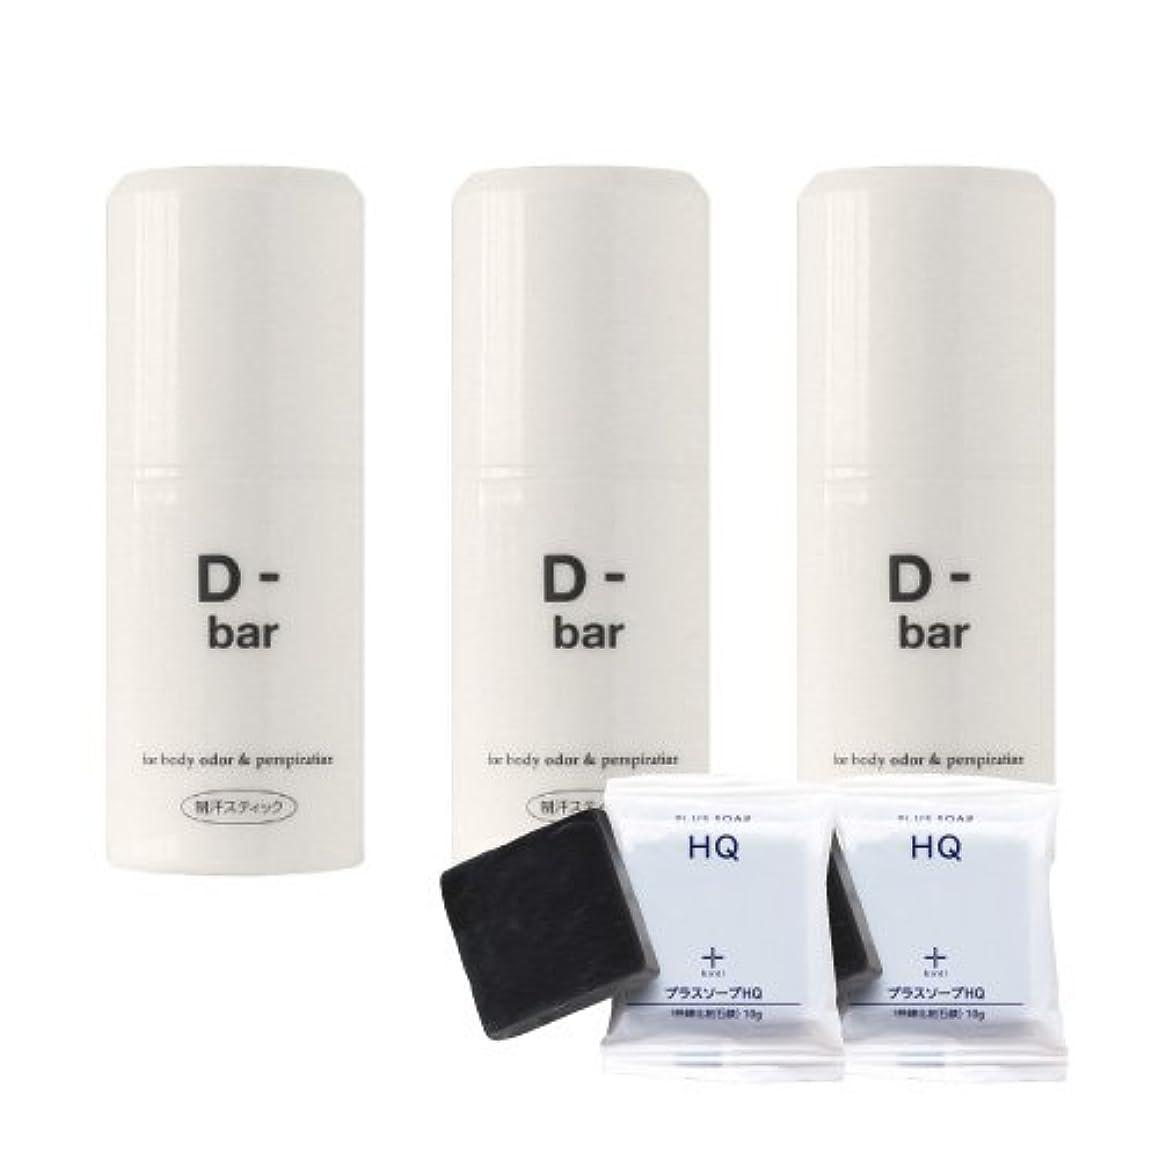 有益抵抗する合併症D-bar(ディーバー) 15g 3本 + プラスソープHQミニ 2個